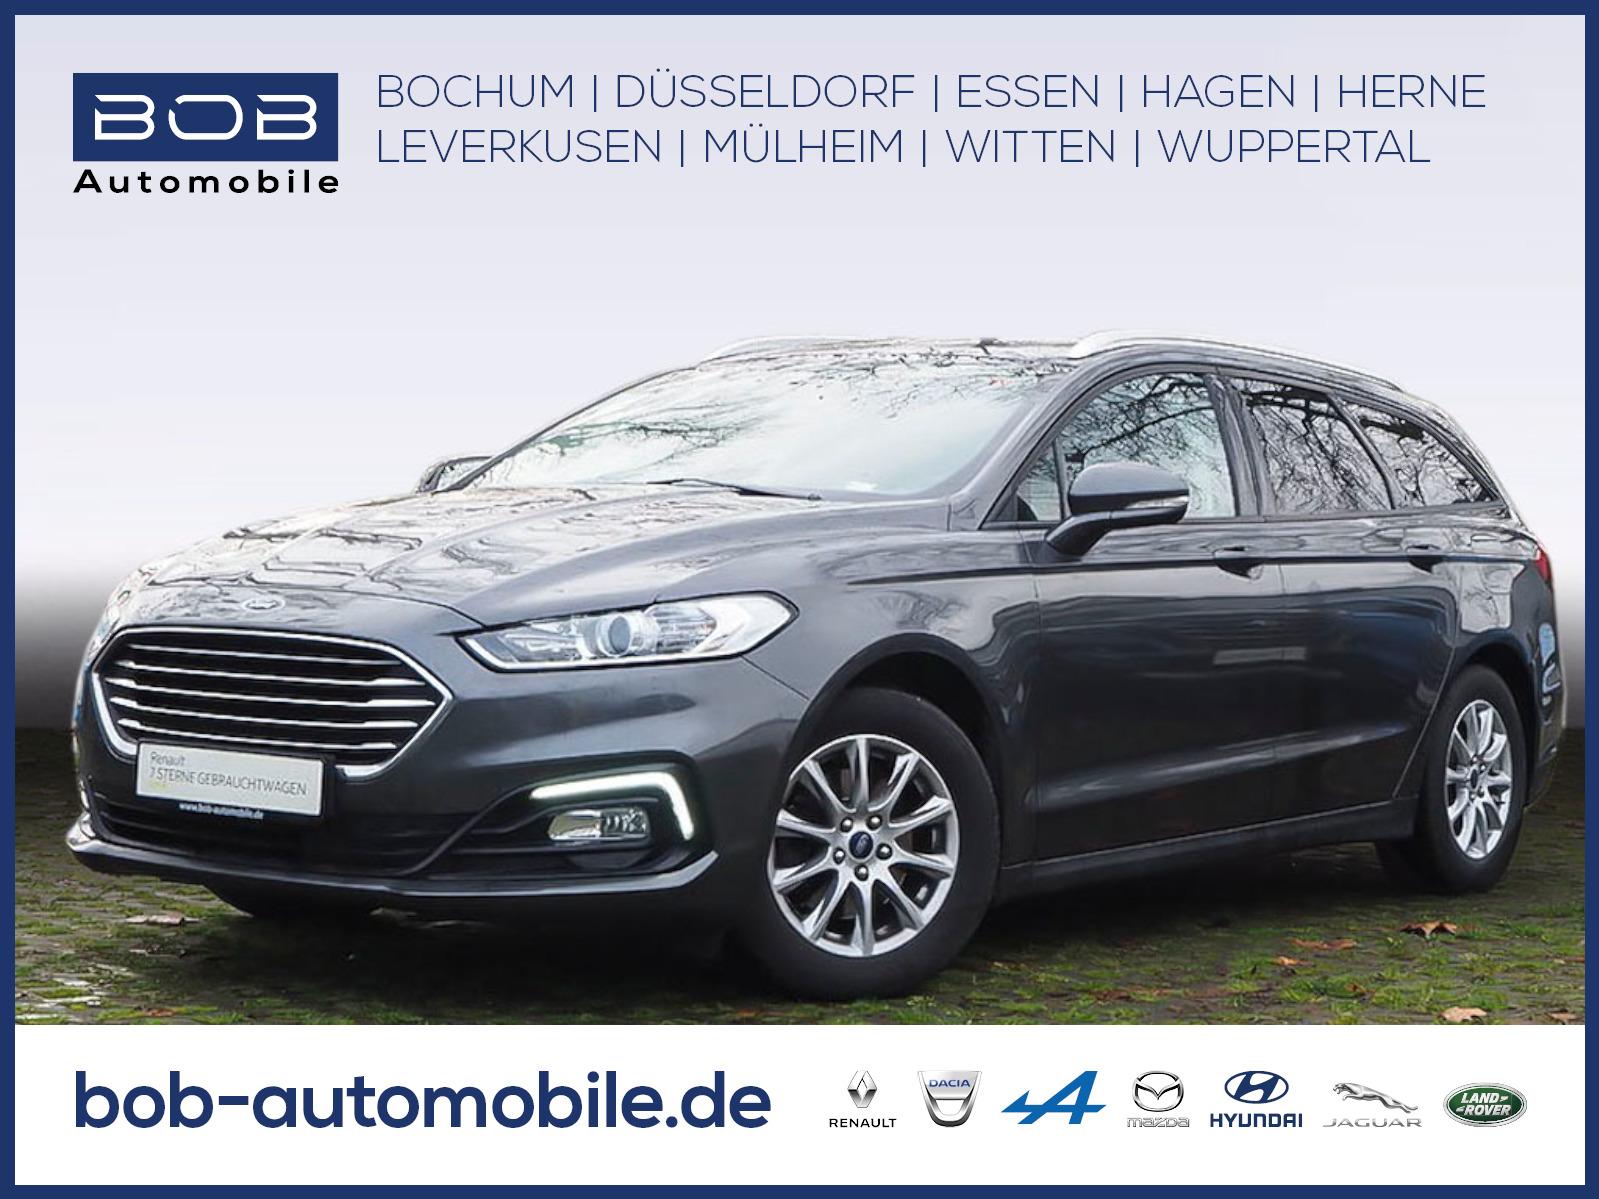 Ford Mondeo Turnier 1.5 EcoBoost Business NAVI PDC, Jahr 2019, Benzin